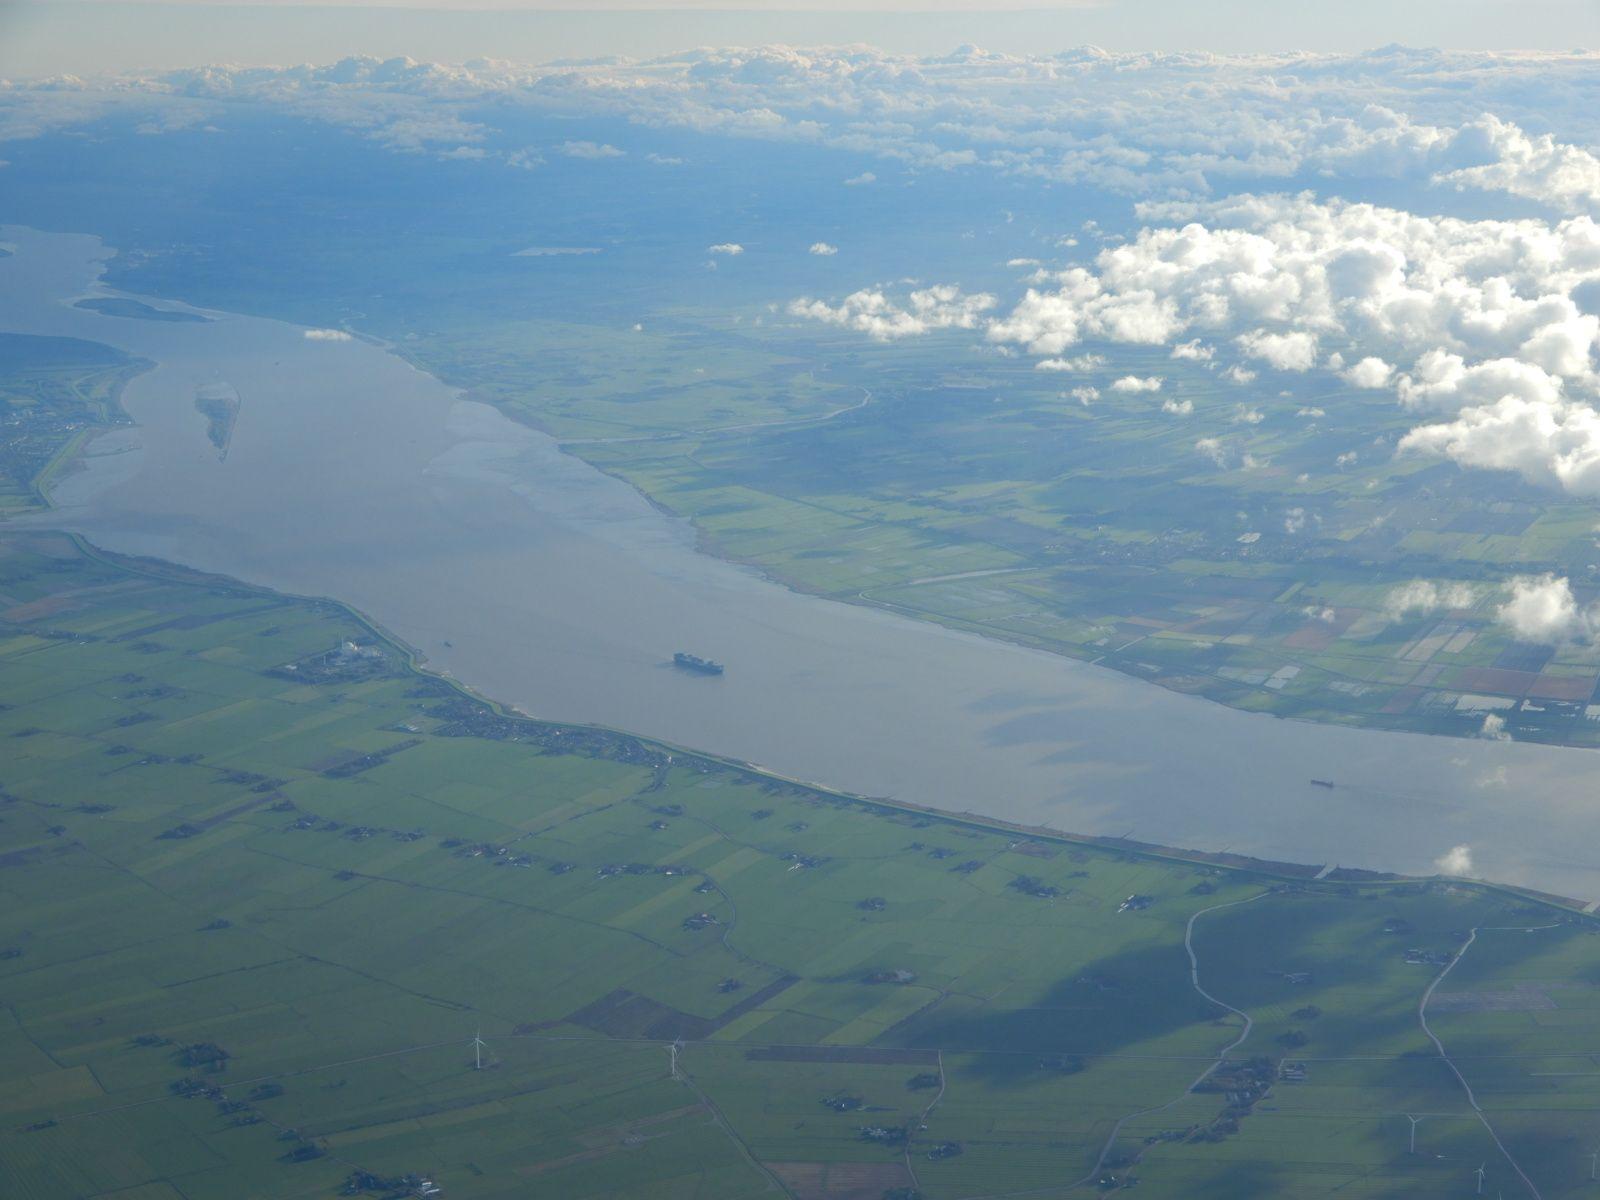 Česká řeka Labe, zde mezi Hamburkem a Severním mořem je výrazně mohutnější a umožňuje provoz největším plavidlům.